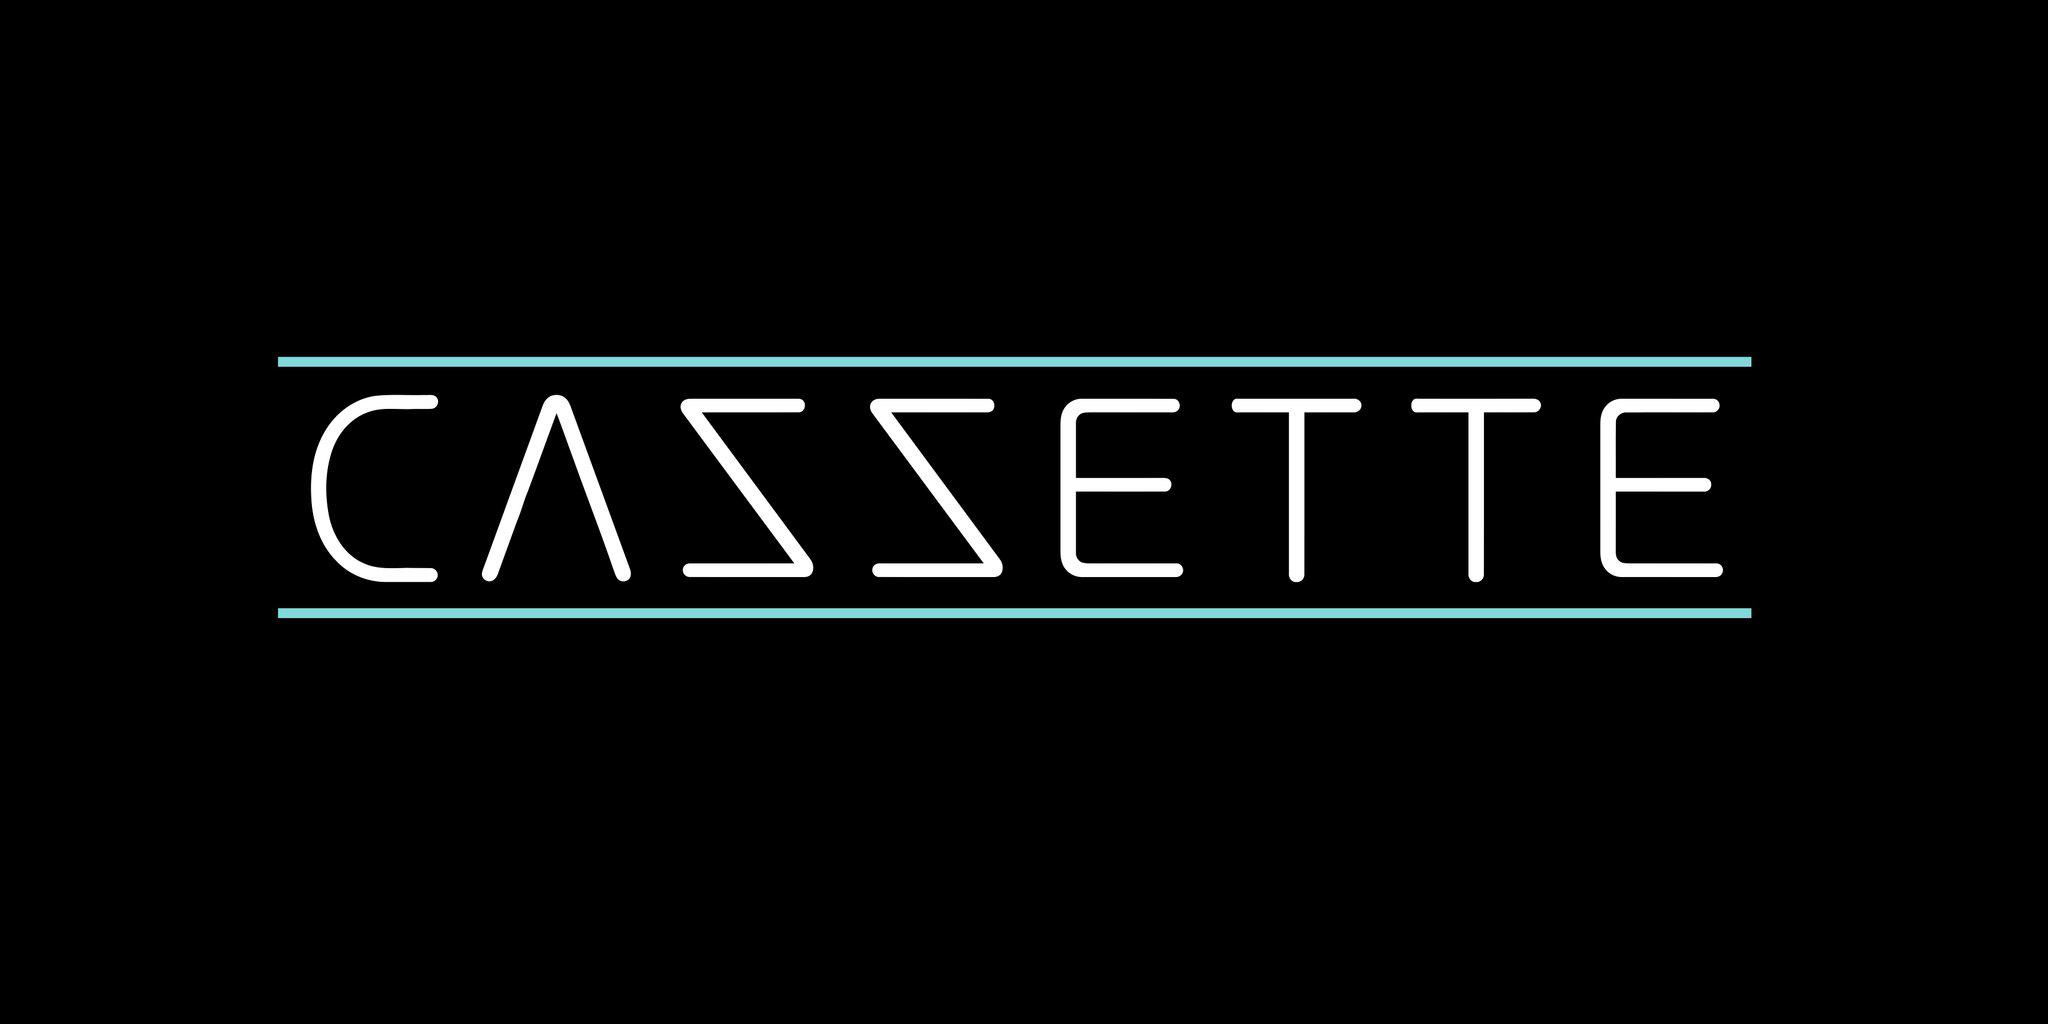 PREVIEW: CAZZETTE – The Rat (Original Mix)